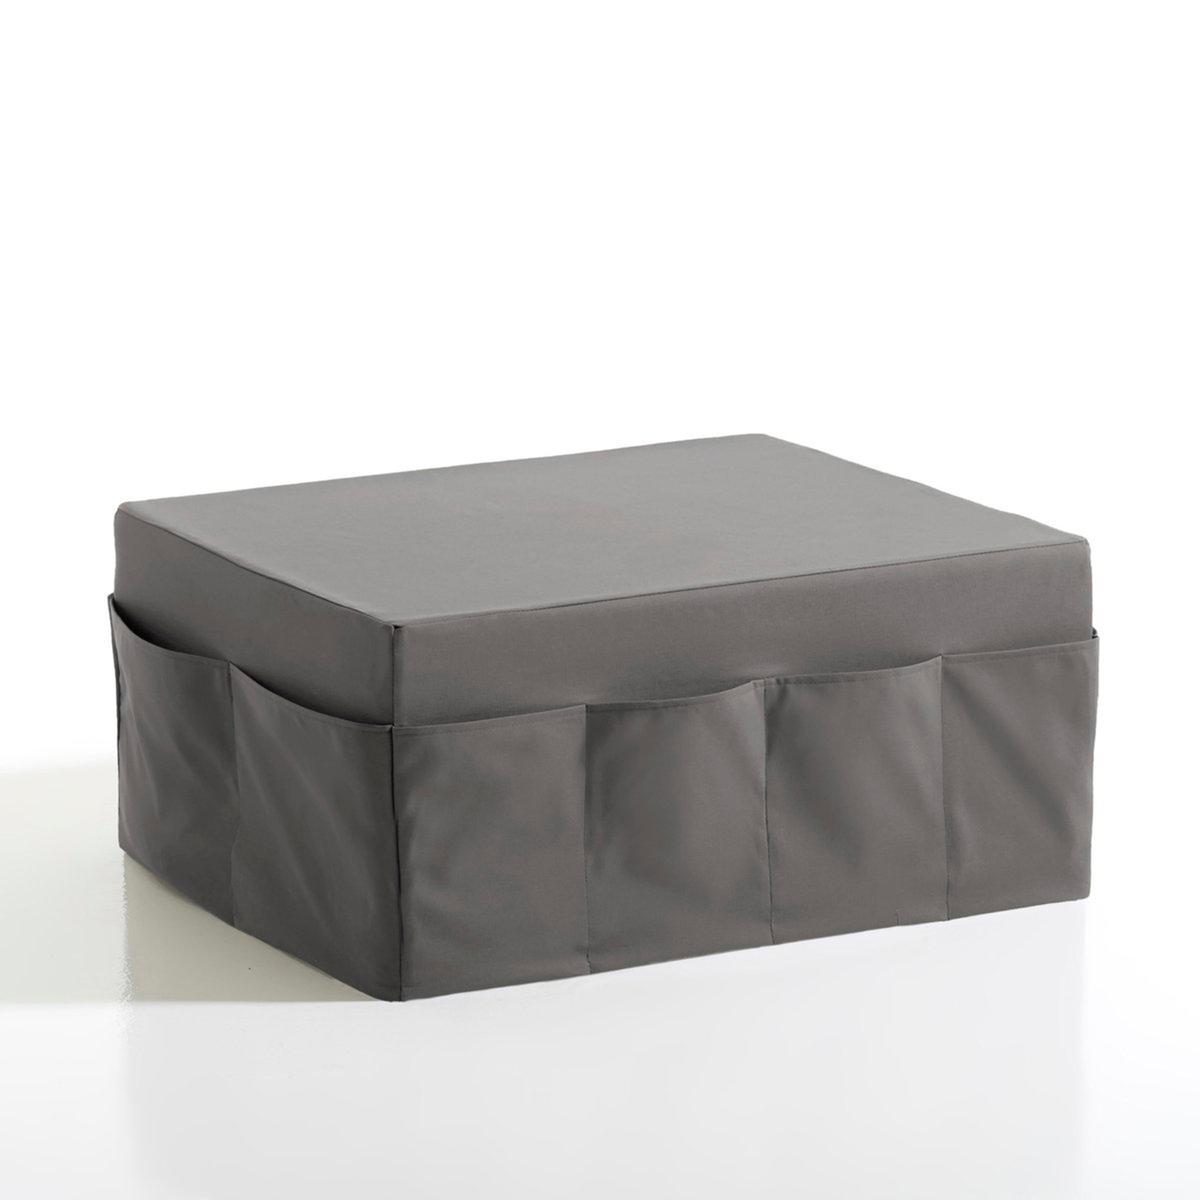 Банкетка-пуф со съемным чехлом, большая,  MeetingМягкая банкетка-пуф со съемным чехлом Meeting, комфортный материал Bultex, большая. Банкетка-пуф со съемным чехлом и многочисленными карманами просто незаменима для тех, кто стремится к комфорту, красоте и практичности. Эта банкетка-пуф может выполнять функции сидения, низкого столика и дополнительного спального места! Можно объединять и сочетать банкетки в 7 цветовых гаммах! Производство: Франция.      Описание банкетки-пуфа Meeting:В гостиной можно использовать как сиденье и как маленький стол.В спальне можно разложить 3 блока из пеноматериала, и пуф превратится в небольшую удобную кровать.12 карманов. Характеристики банкетки-пуфа Meeting:Чехол из 100% хлопка с тефлоновым покрытием против пятен.Качество сиденья:Материал Bultex дарит мягкость и длительное чувство комфорта (плотность 37 кг/м?).Найдите другие модели из коллекции Meeting на нашем сайте laredoute.ru.Размеры банкетки-пуфа Meeting:Общие:Ширина: 80 см.Высота: 36 смГлубина: 63 см.В разложенном виде: Ширина 80 x длина 189 x толщина 12 см. Клиентская служба Ла Редут:Срок службы деталей 1 год.<br><br>Цвет: красный,светло-серый,фисташковый